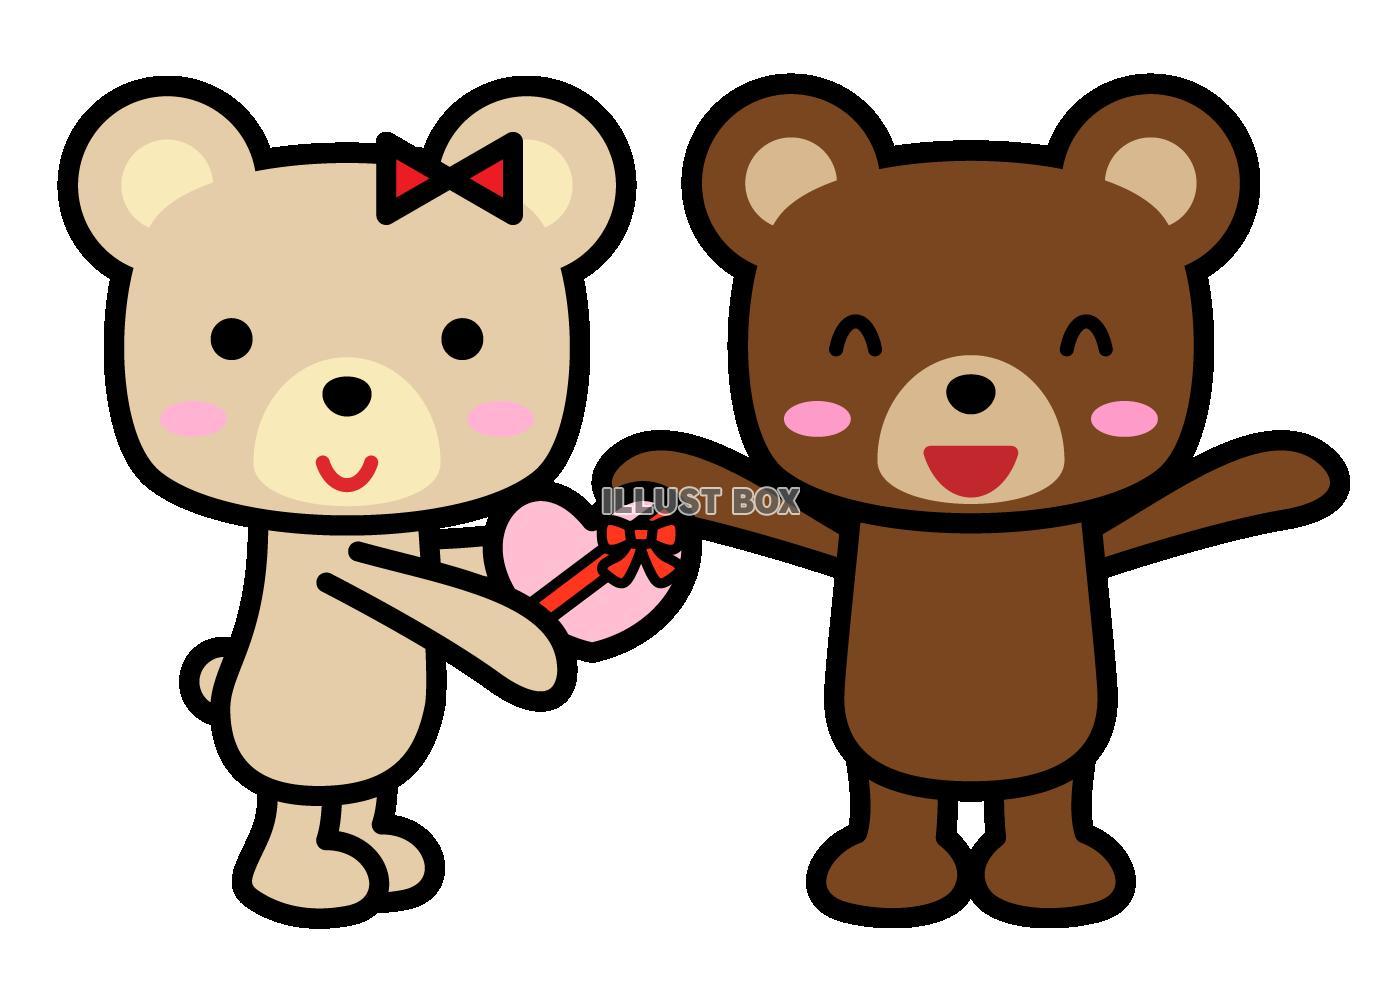 無料イラスト バレンタインプレゼントをあげるクマ2 透過png